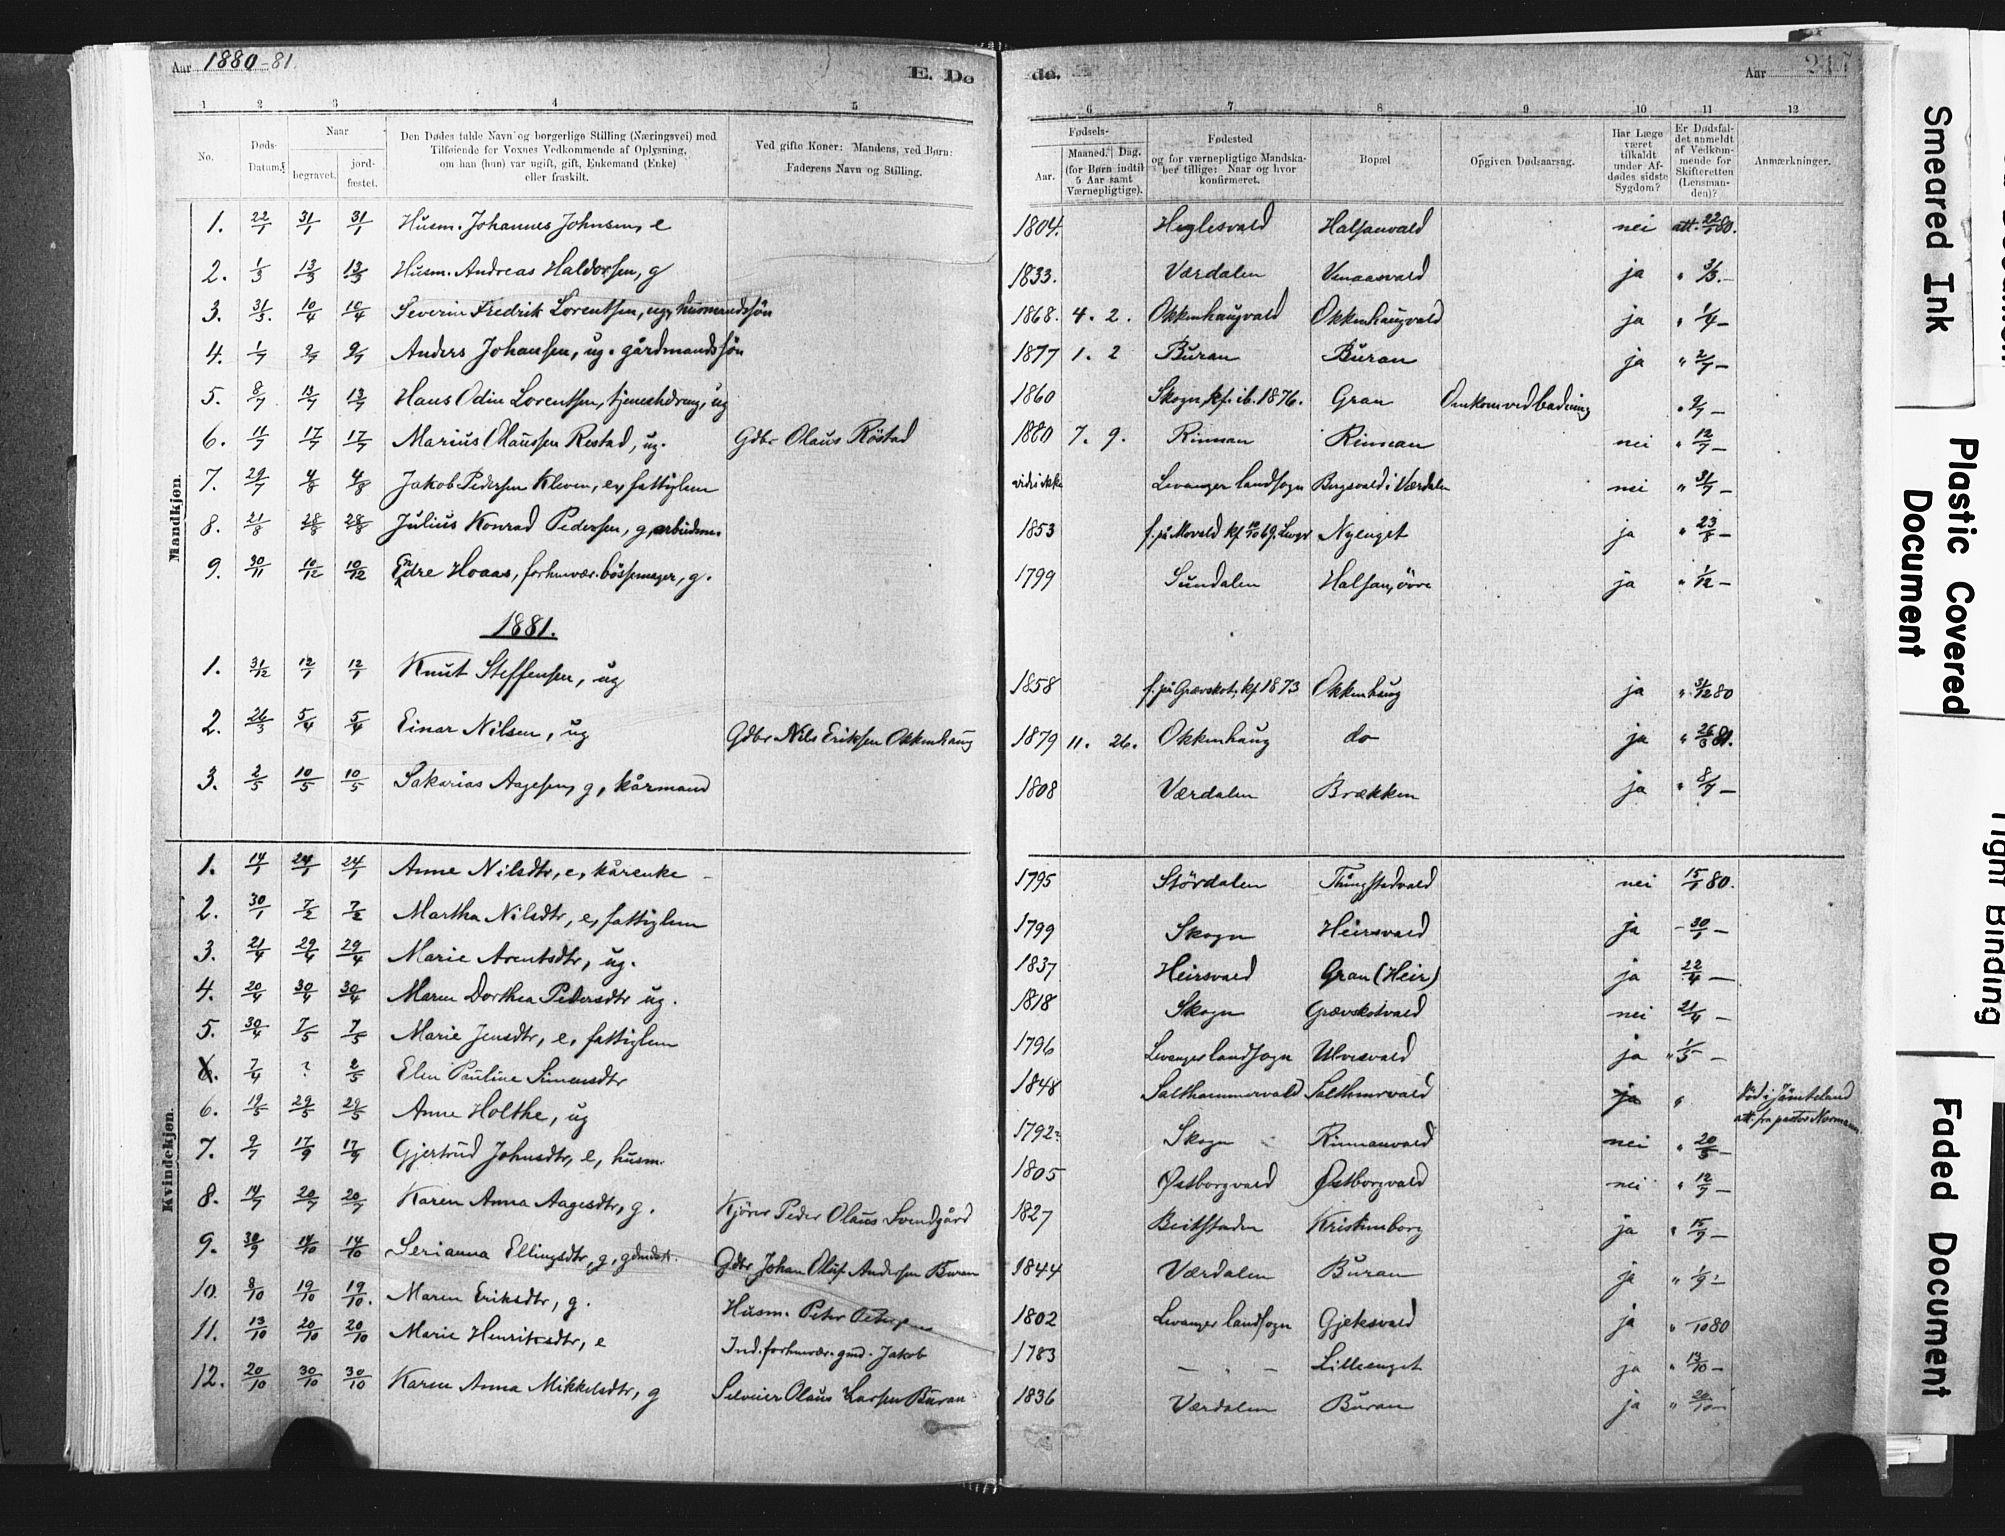 SAT, Ministerialprotokoller, klokkerbøker og fødselsregistre - Nord-Trøndelag, 721/L0207: Ministerialbok nr. 721A02, 1880-1911, s. 217